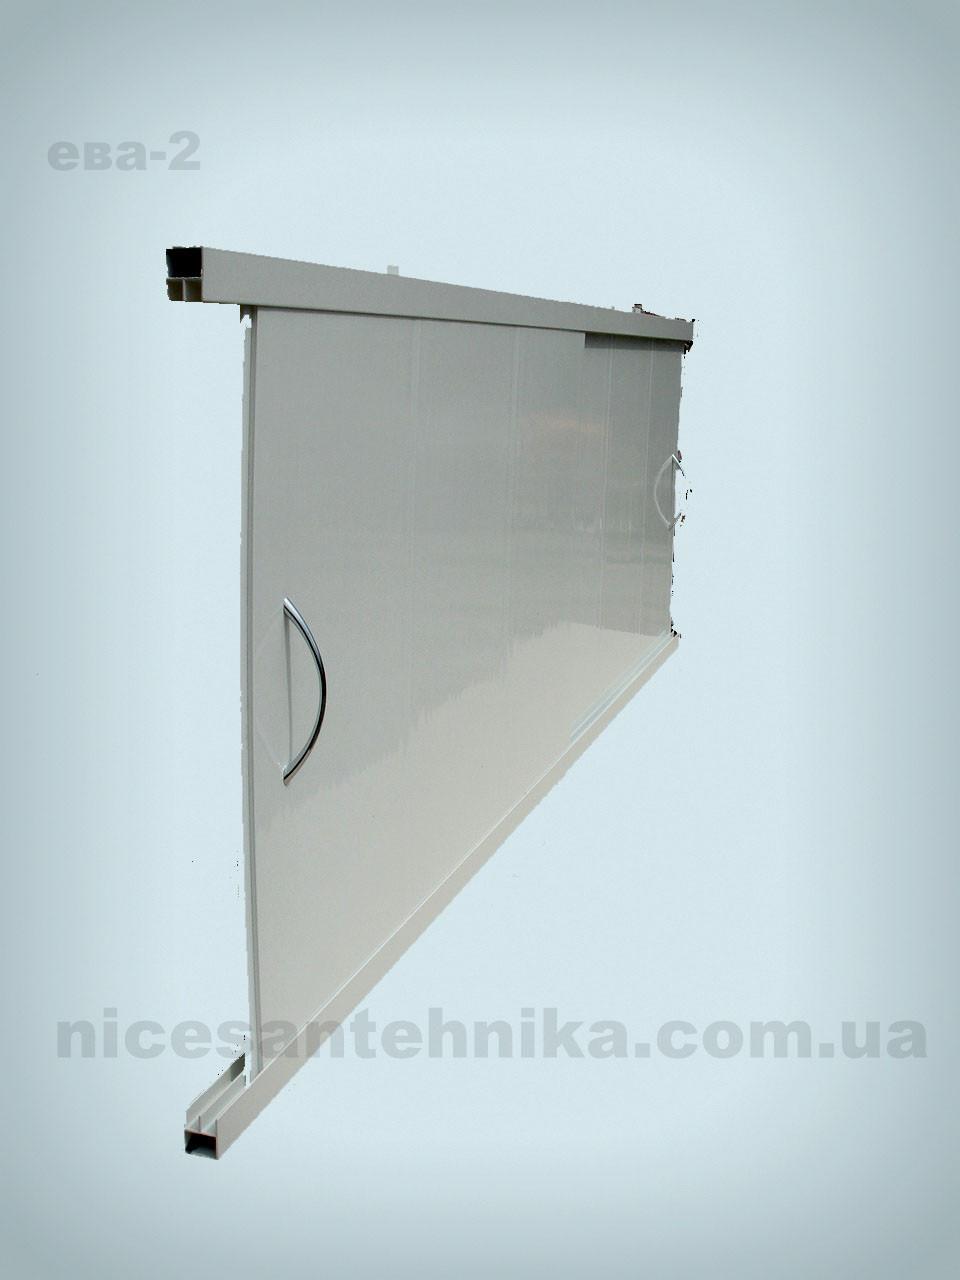 Экран для ванны алюминиевый 160*55 см. ЕВА-2